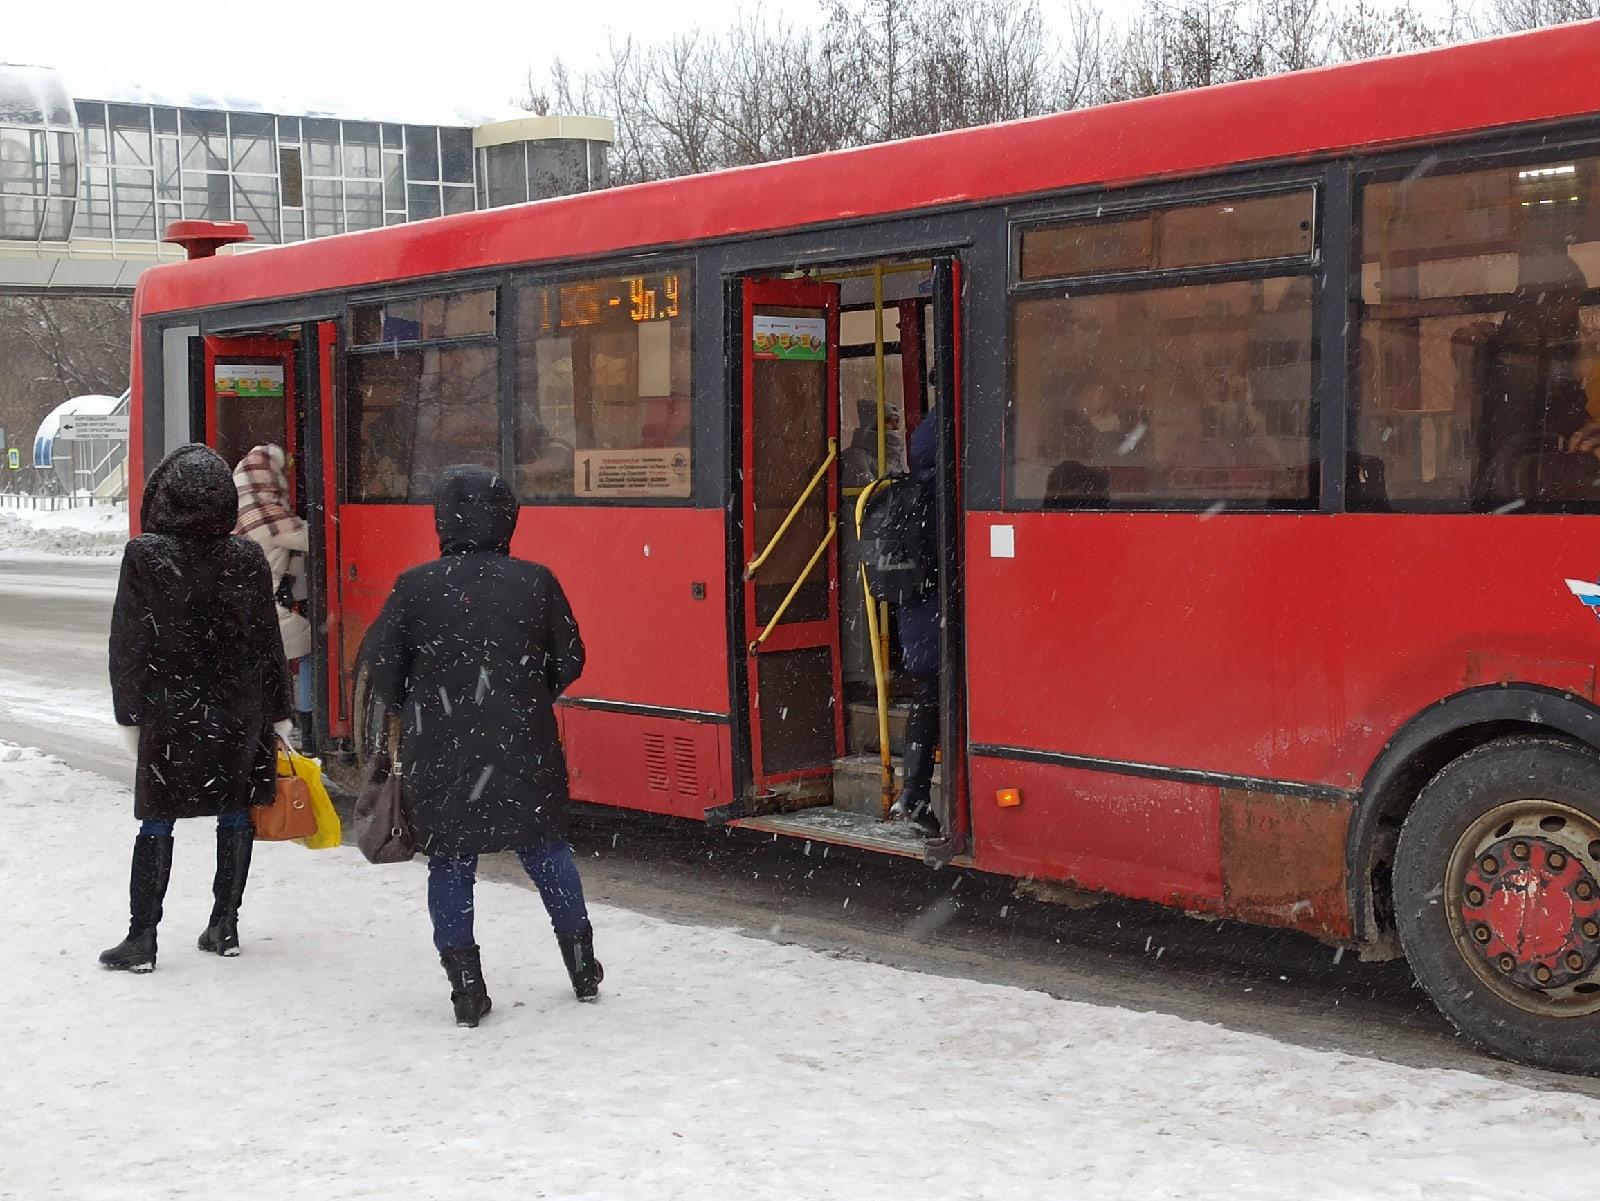 Сбой в системе обошелся кировским перевозчикам в 1,3 миллиона рублей